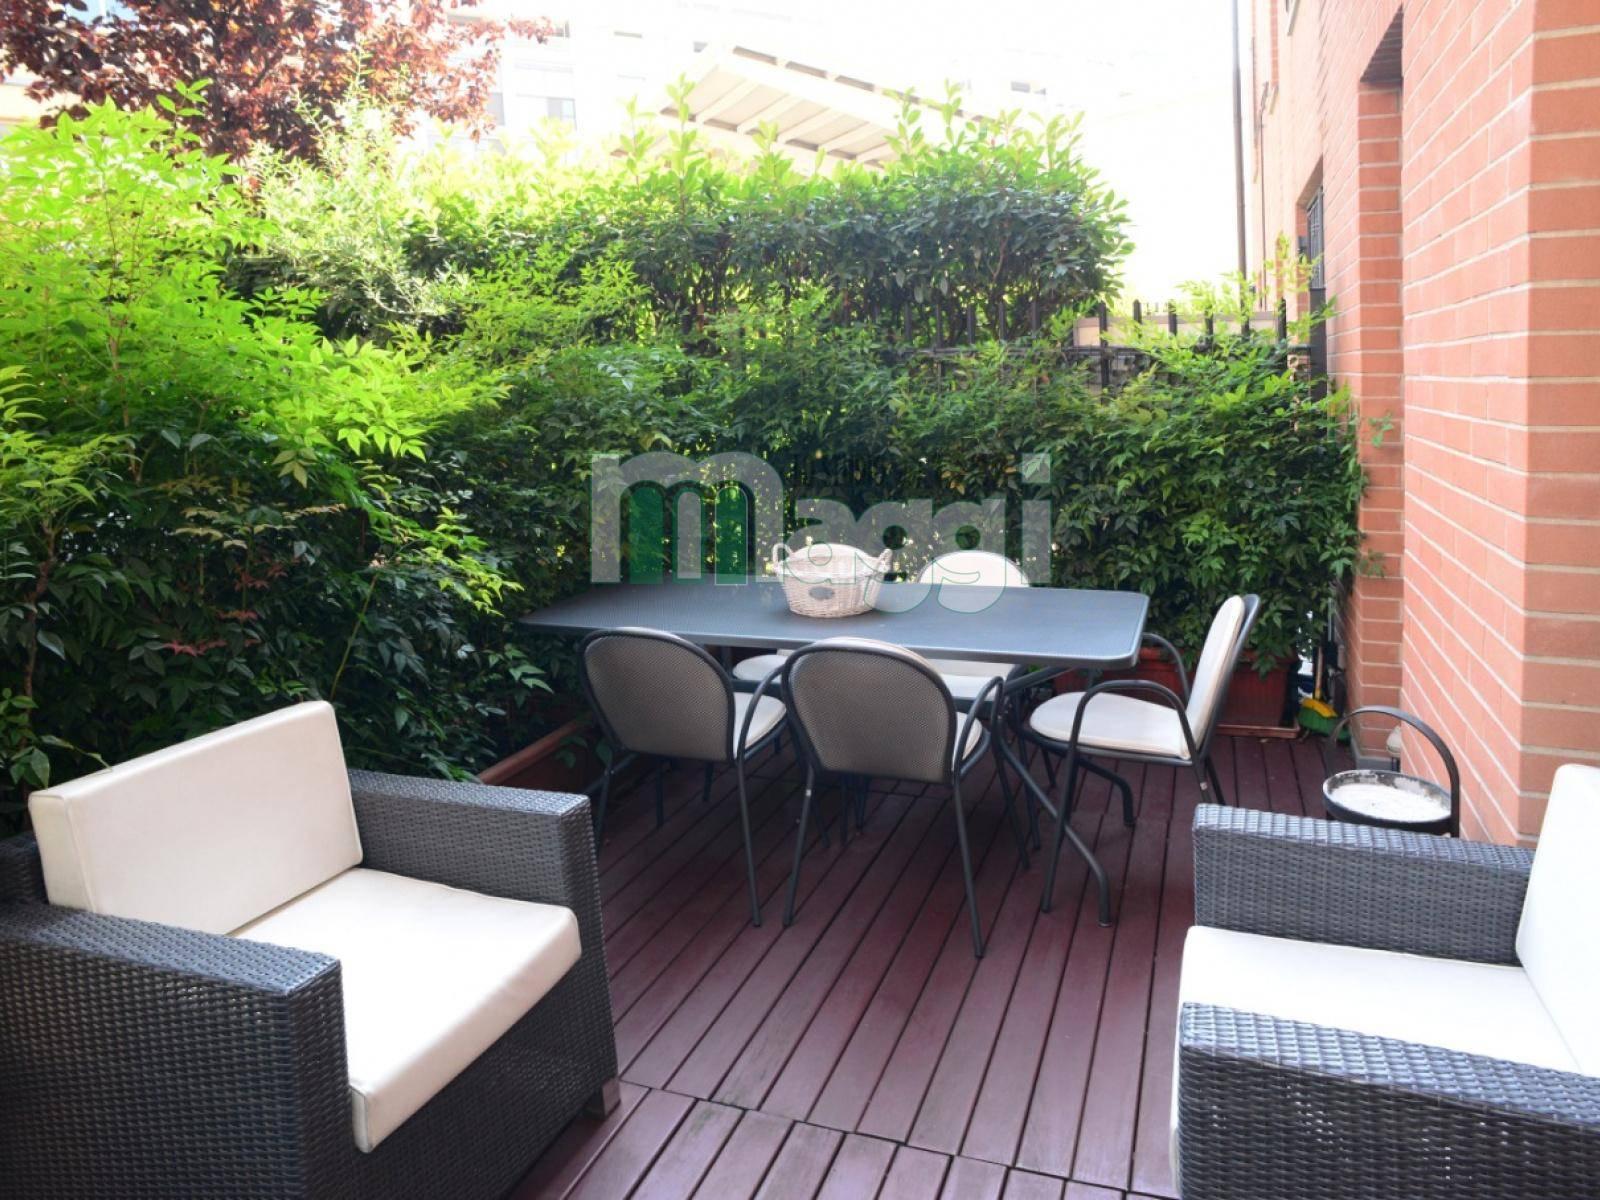 Appartamento in Vendita a Milano 23 Forlanini / Mecenate:  4 locali, 110 mq  - Foto 1